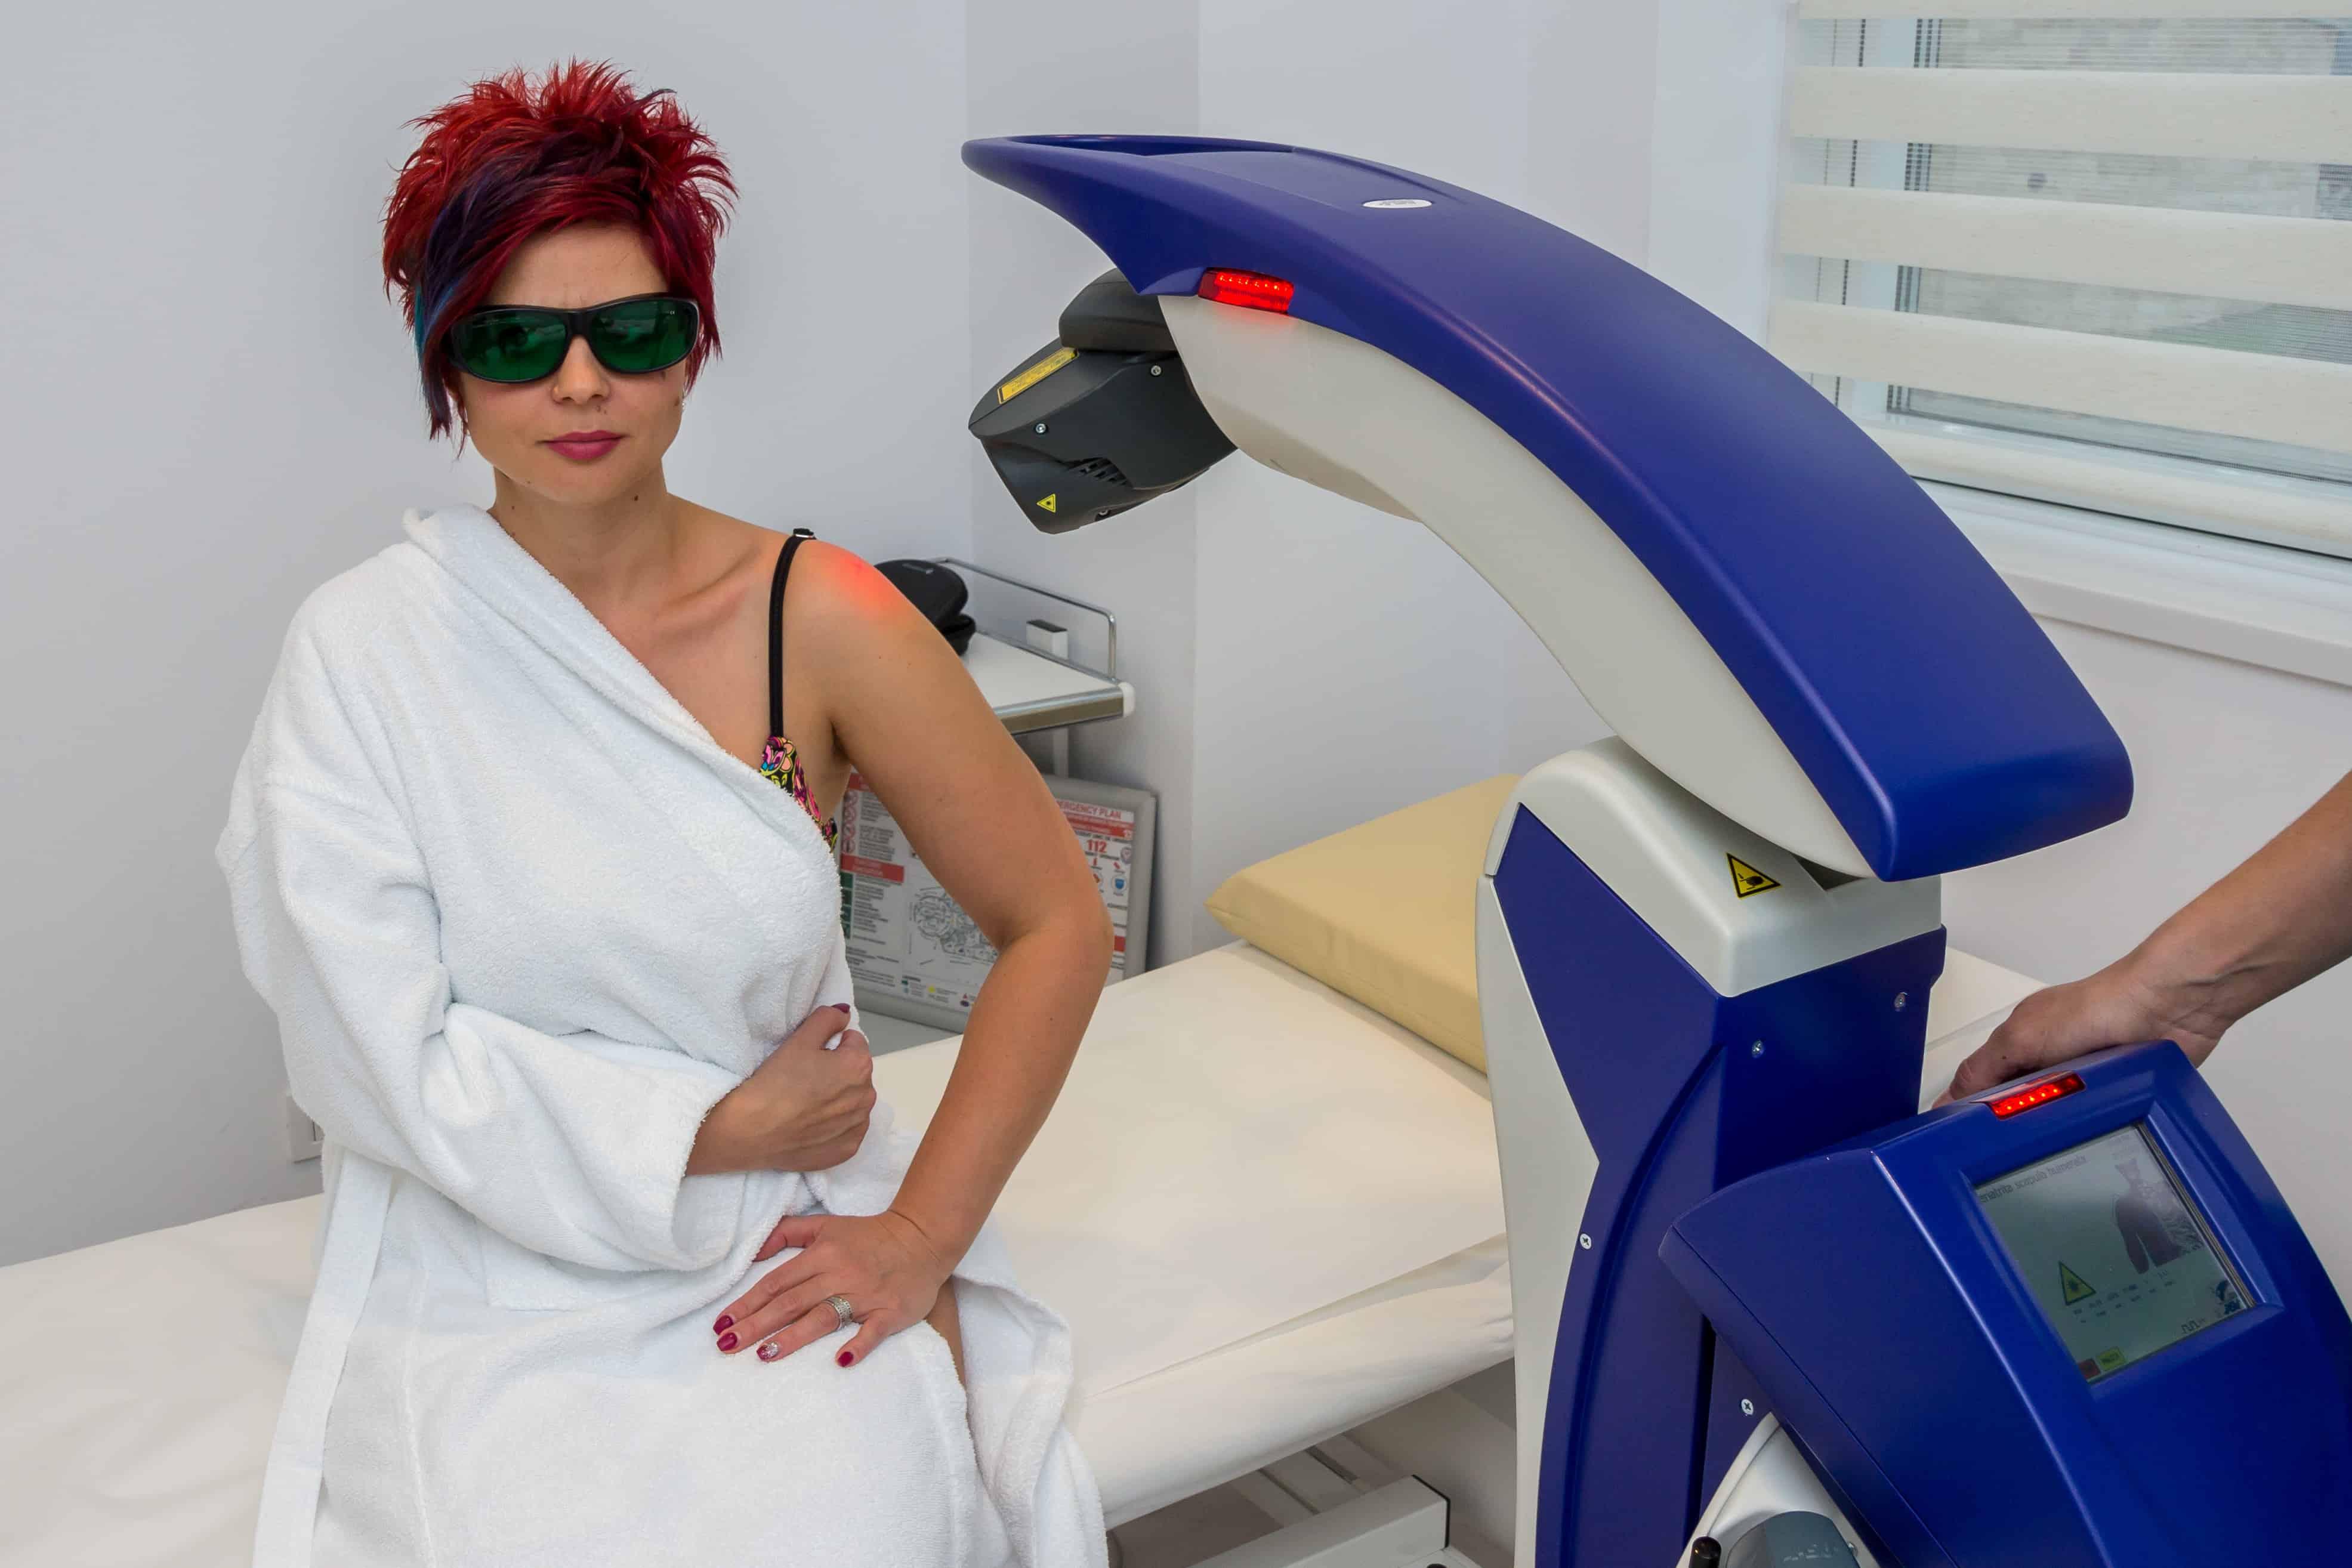 Laserterapie ultramodernă la Baza de Tratament şi Recuperare Medicală SanConfind